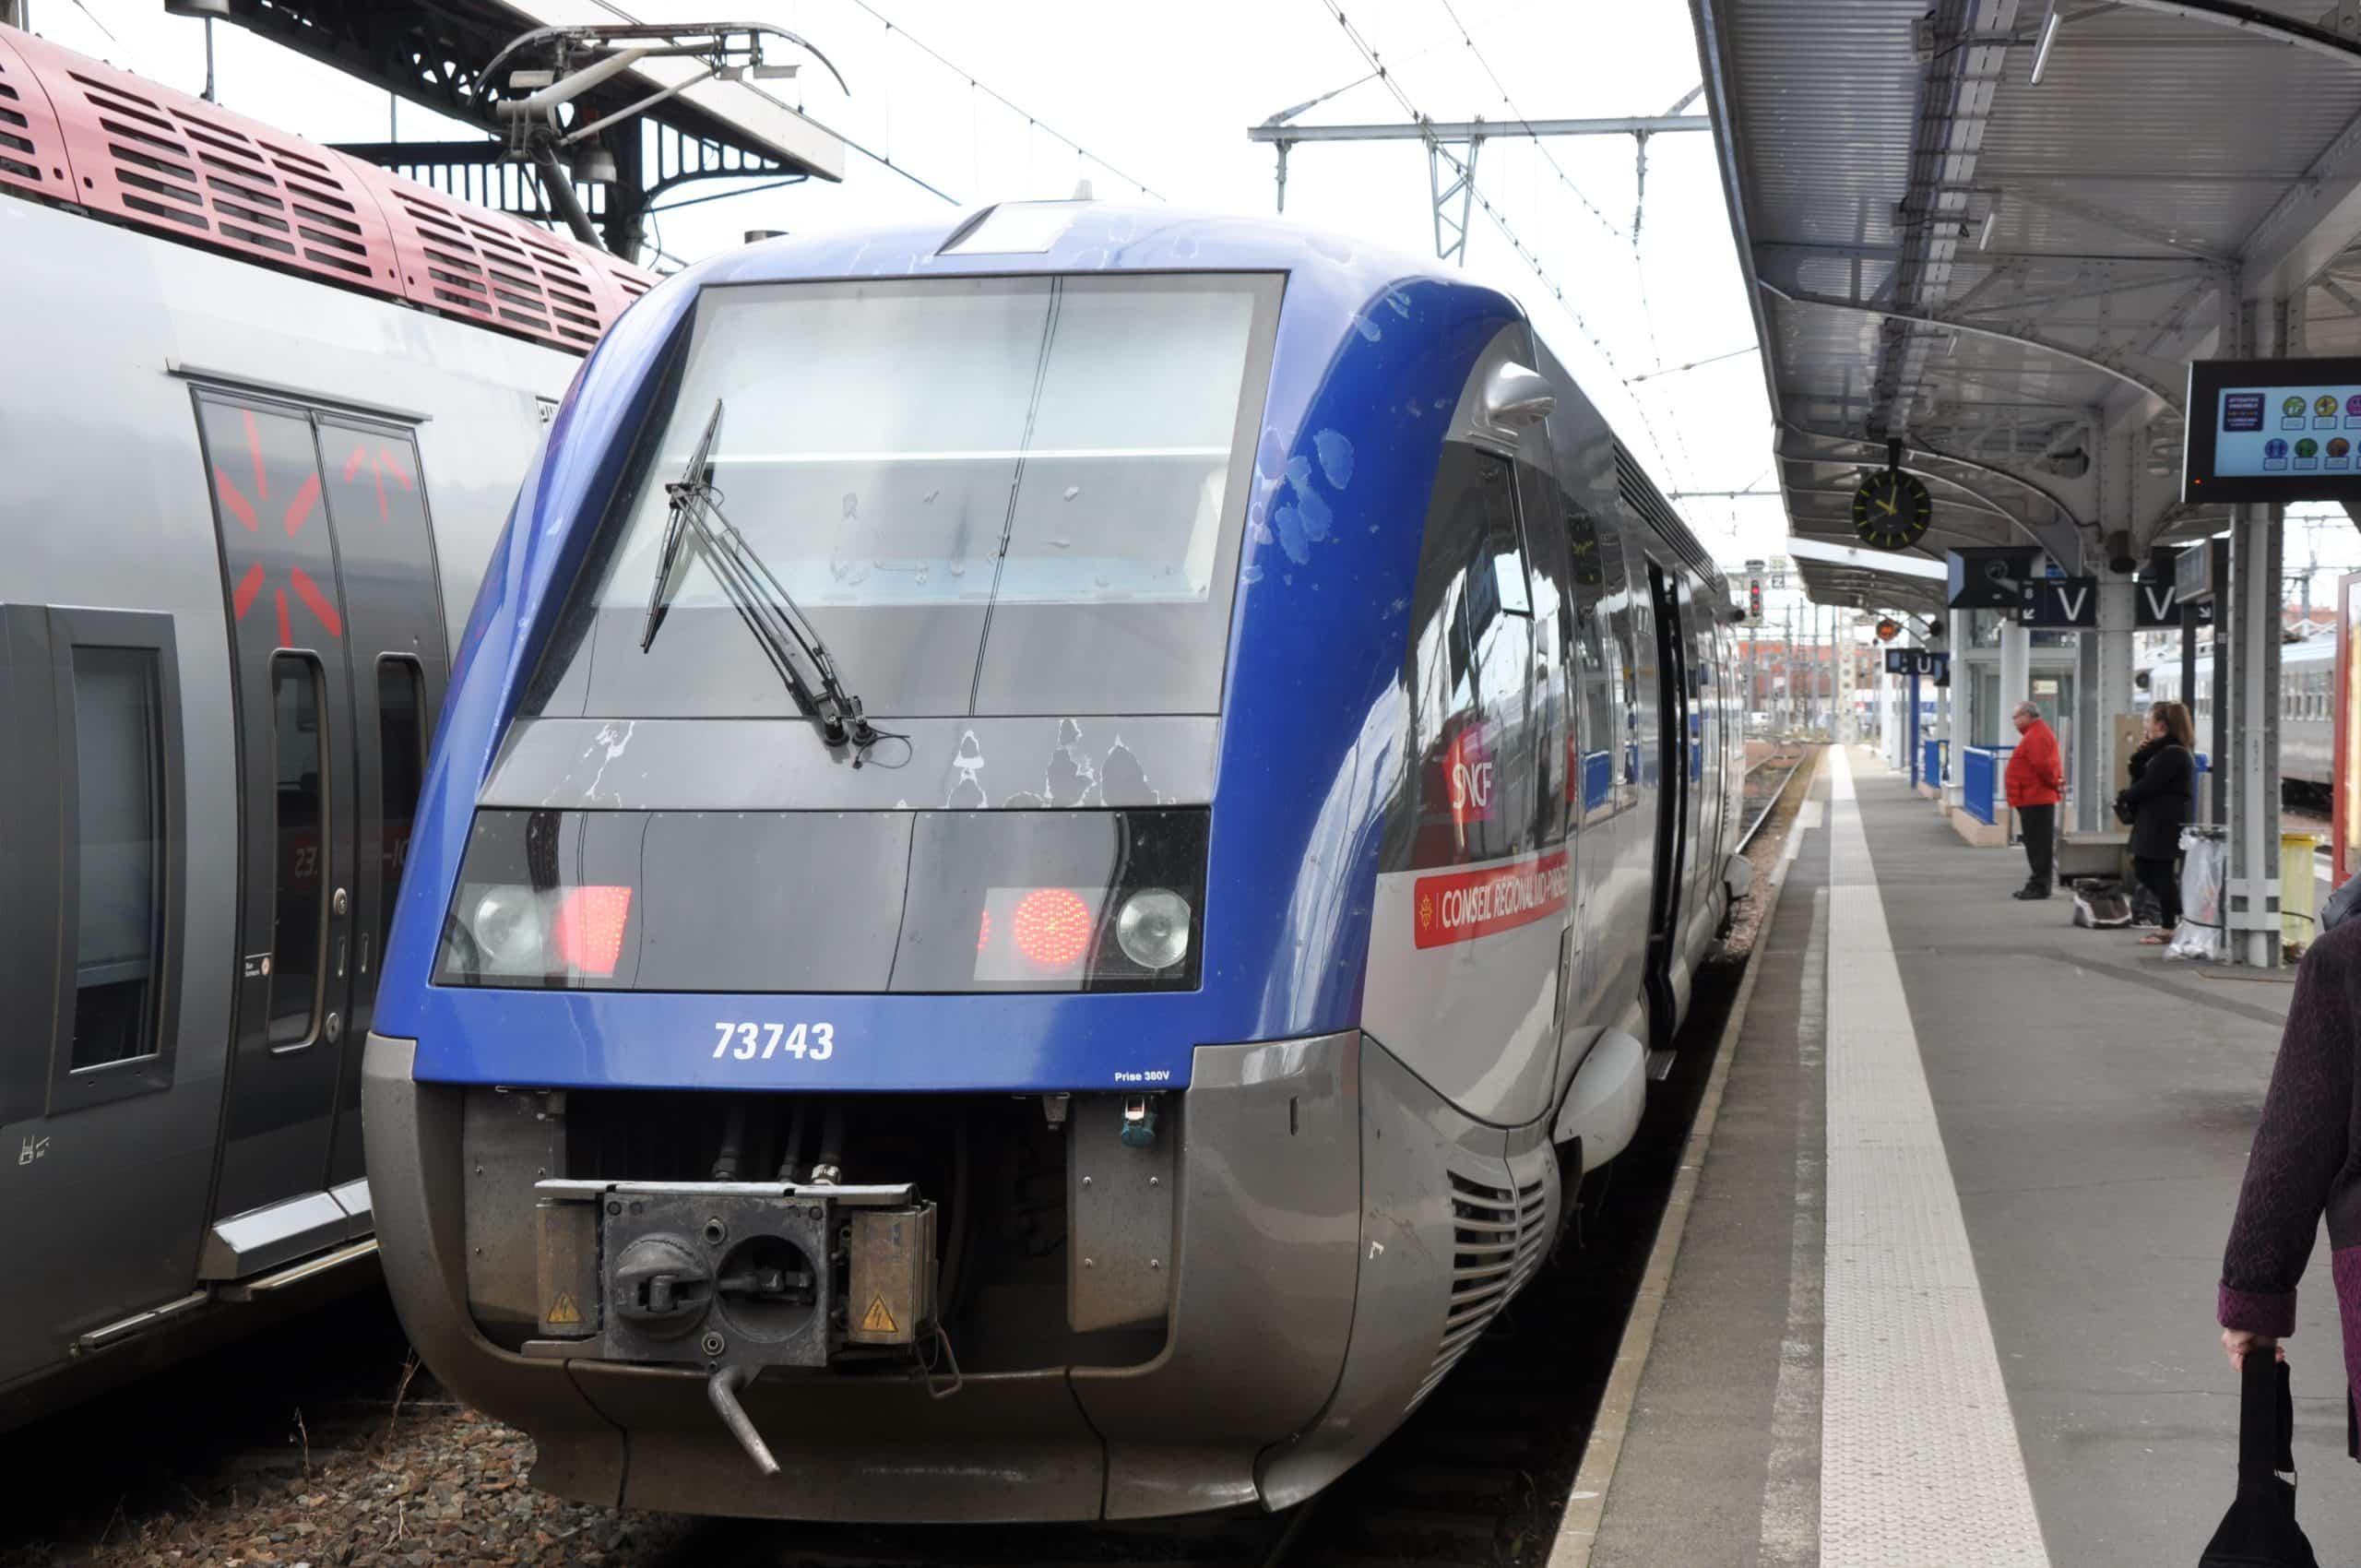 blocage Tisséo Région Occitanie RER Toulouse train @M. Strikis